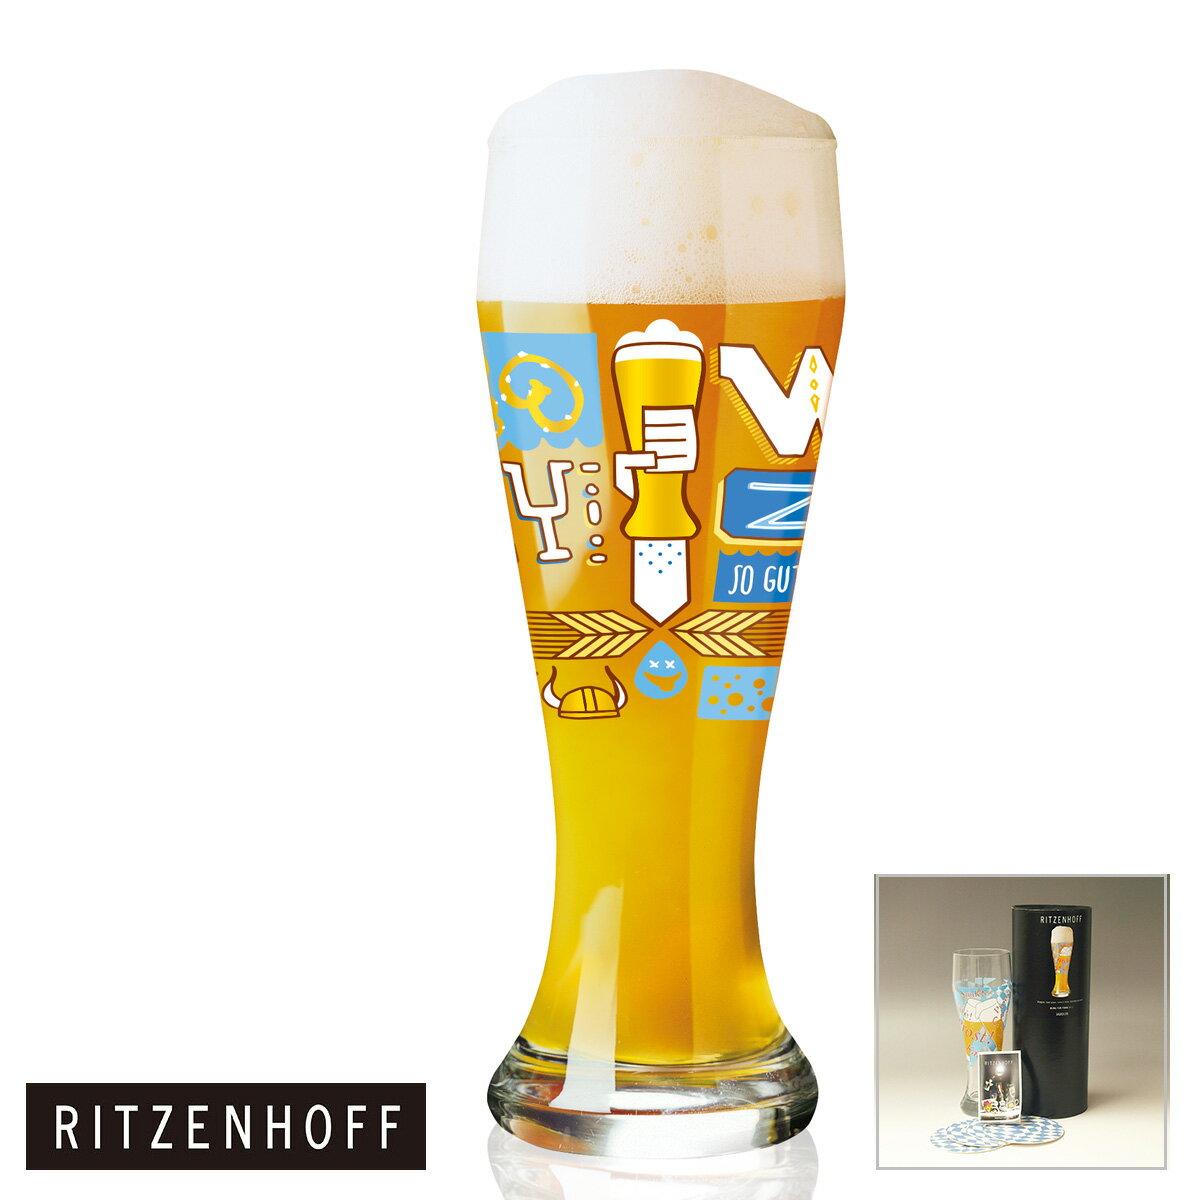 【ポイント20倍】RITZENHOFF/リッツェンホフ WEIZEN BEER COLLECTIONヴァイツェンビア・ビアタンブラー(Pietro Chiera -81020202)ピエトロ・キエラ デザイン ビアグラス ビールグラス ヴァイツェン 引出物 ブライダル・